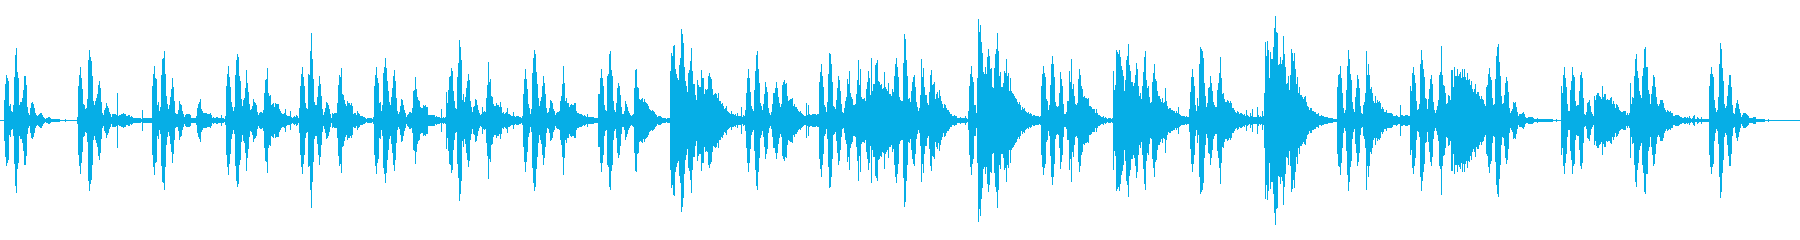 王道の太鼓サスペンス曲の再生済みの波形